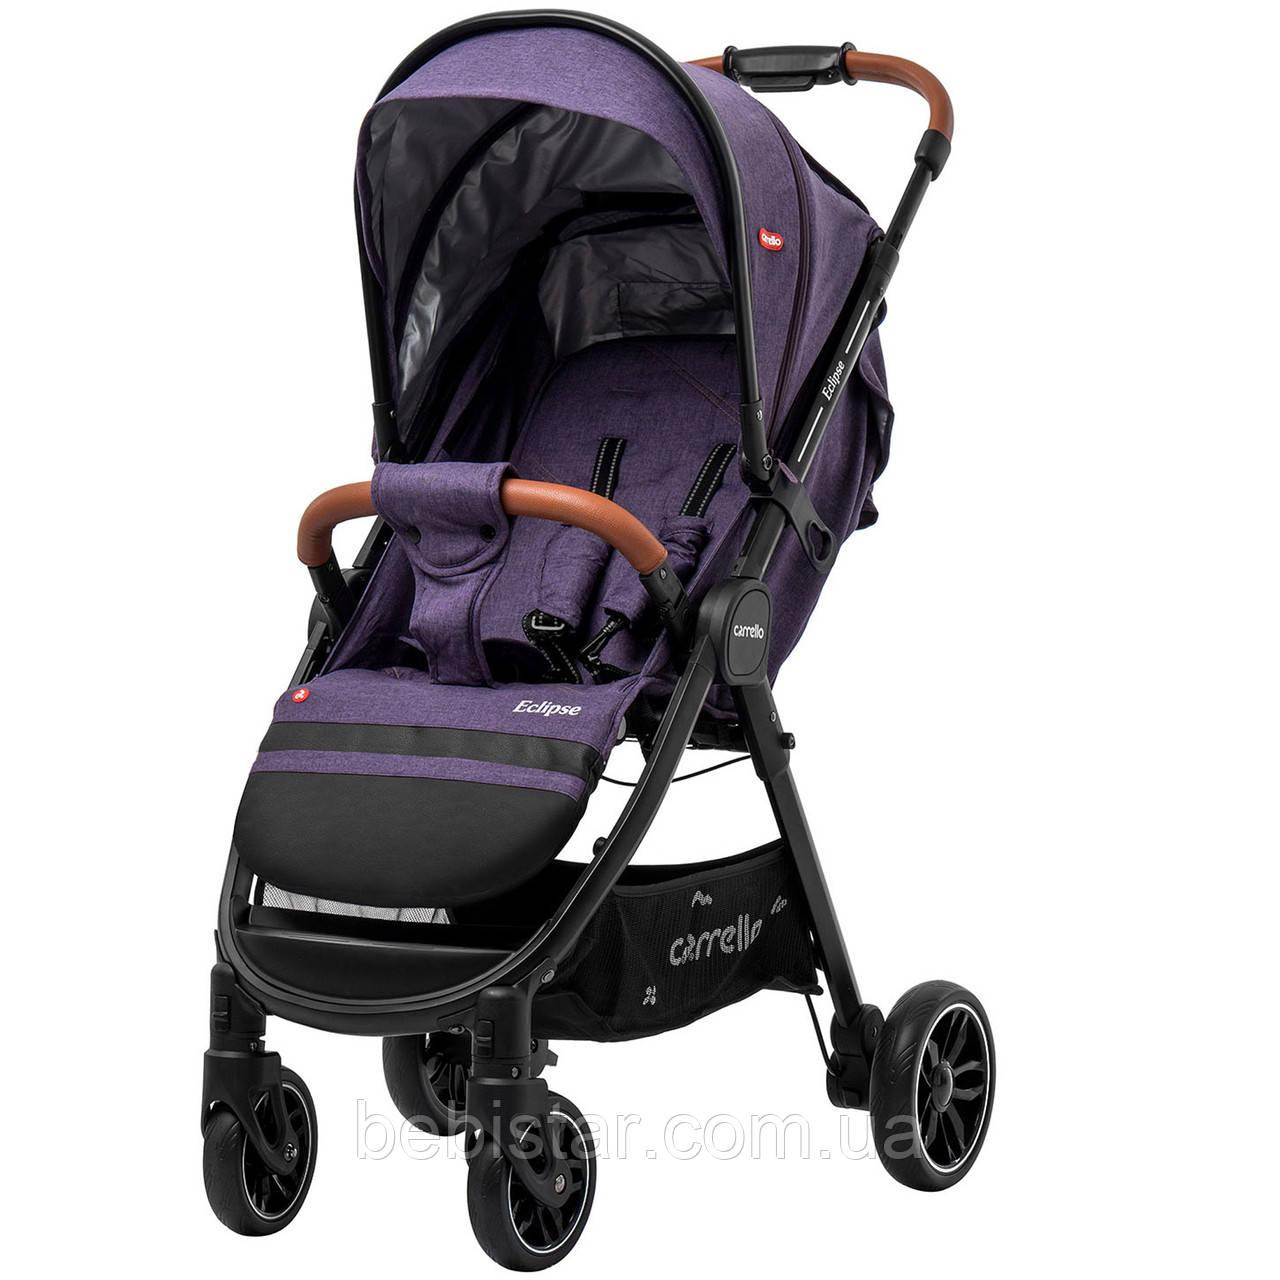 Детская прогулочная коляска фиолетовая Carrello Eclipse в льне черная рама чехол на ножки дождевик